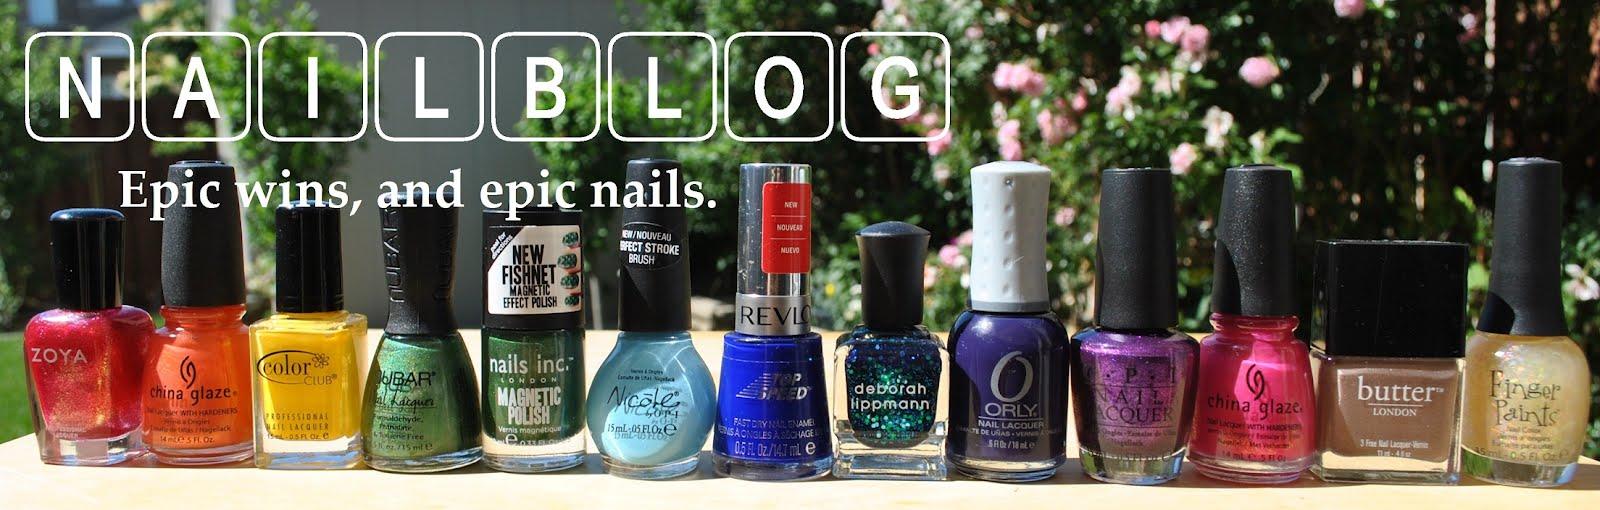 The NAILblog